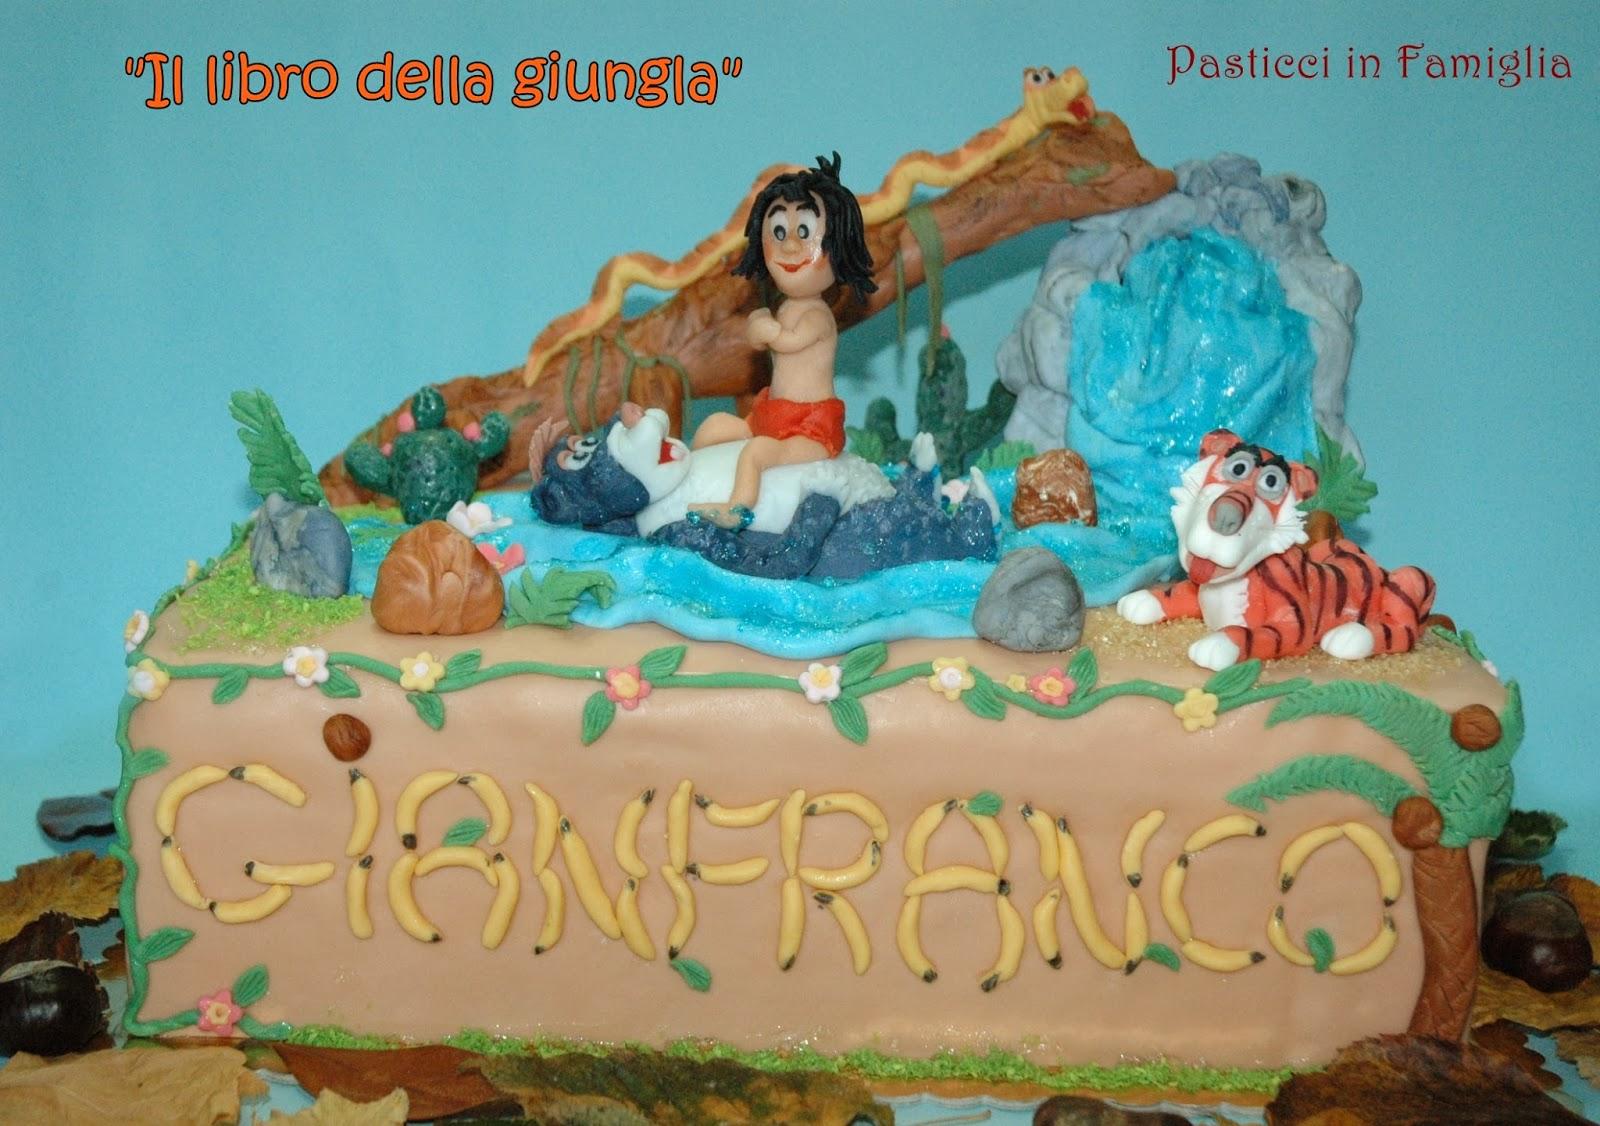 Pasticci in famiglia sugar cake quot il libro della giungla